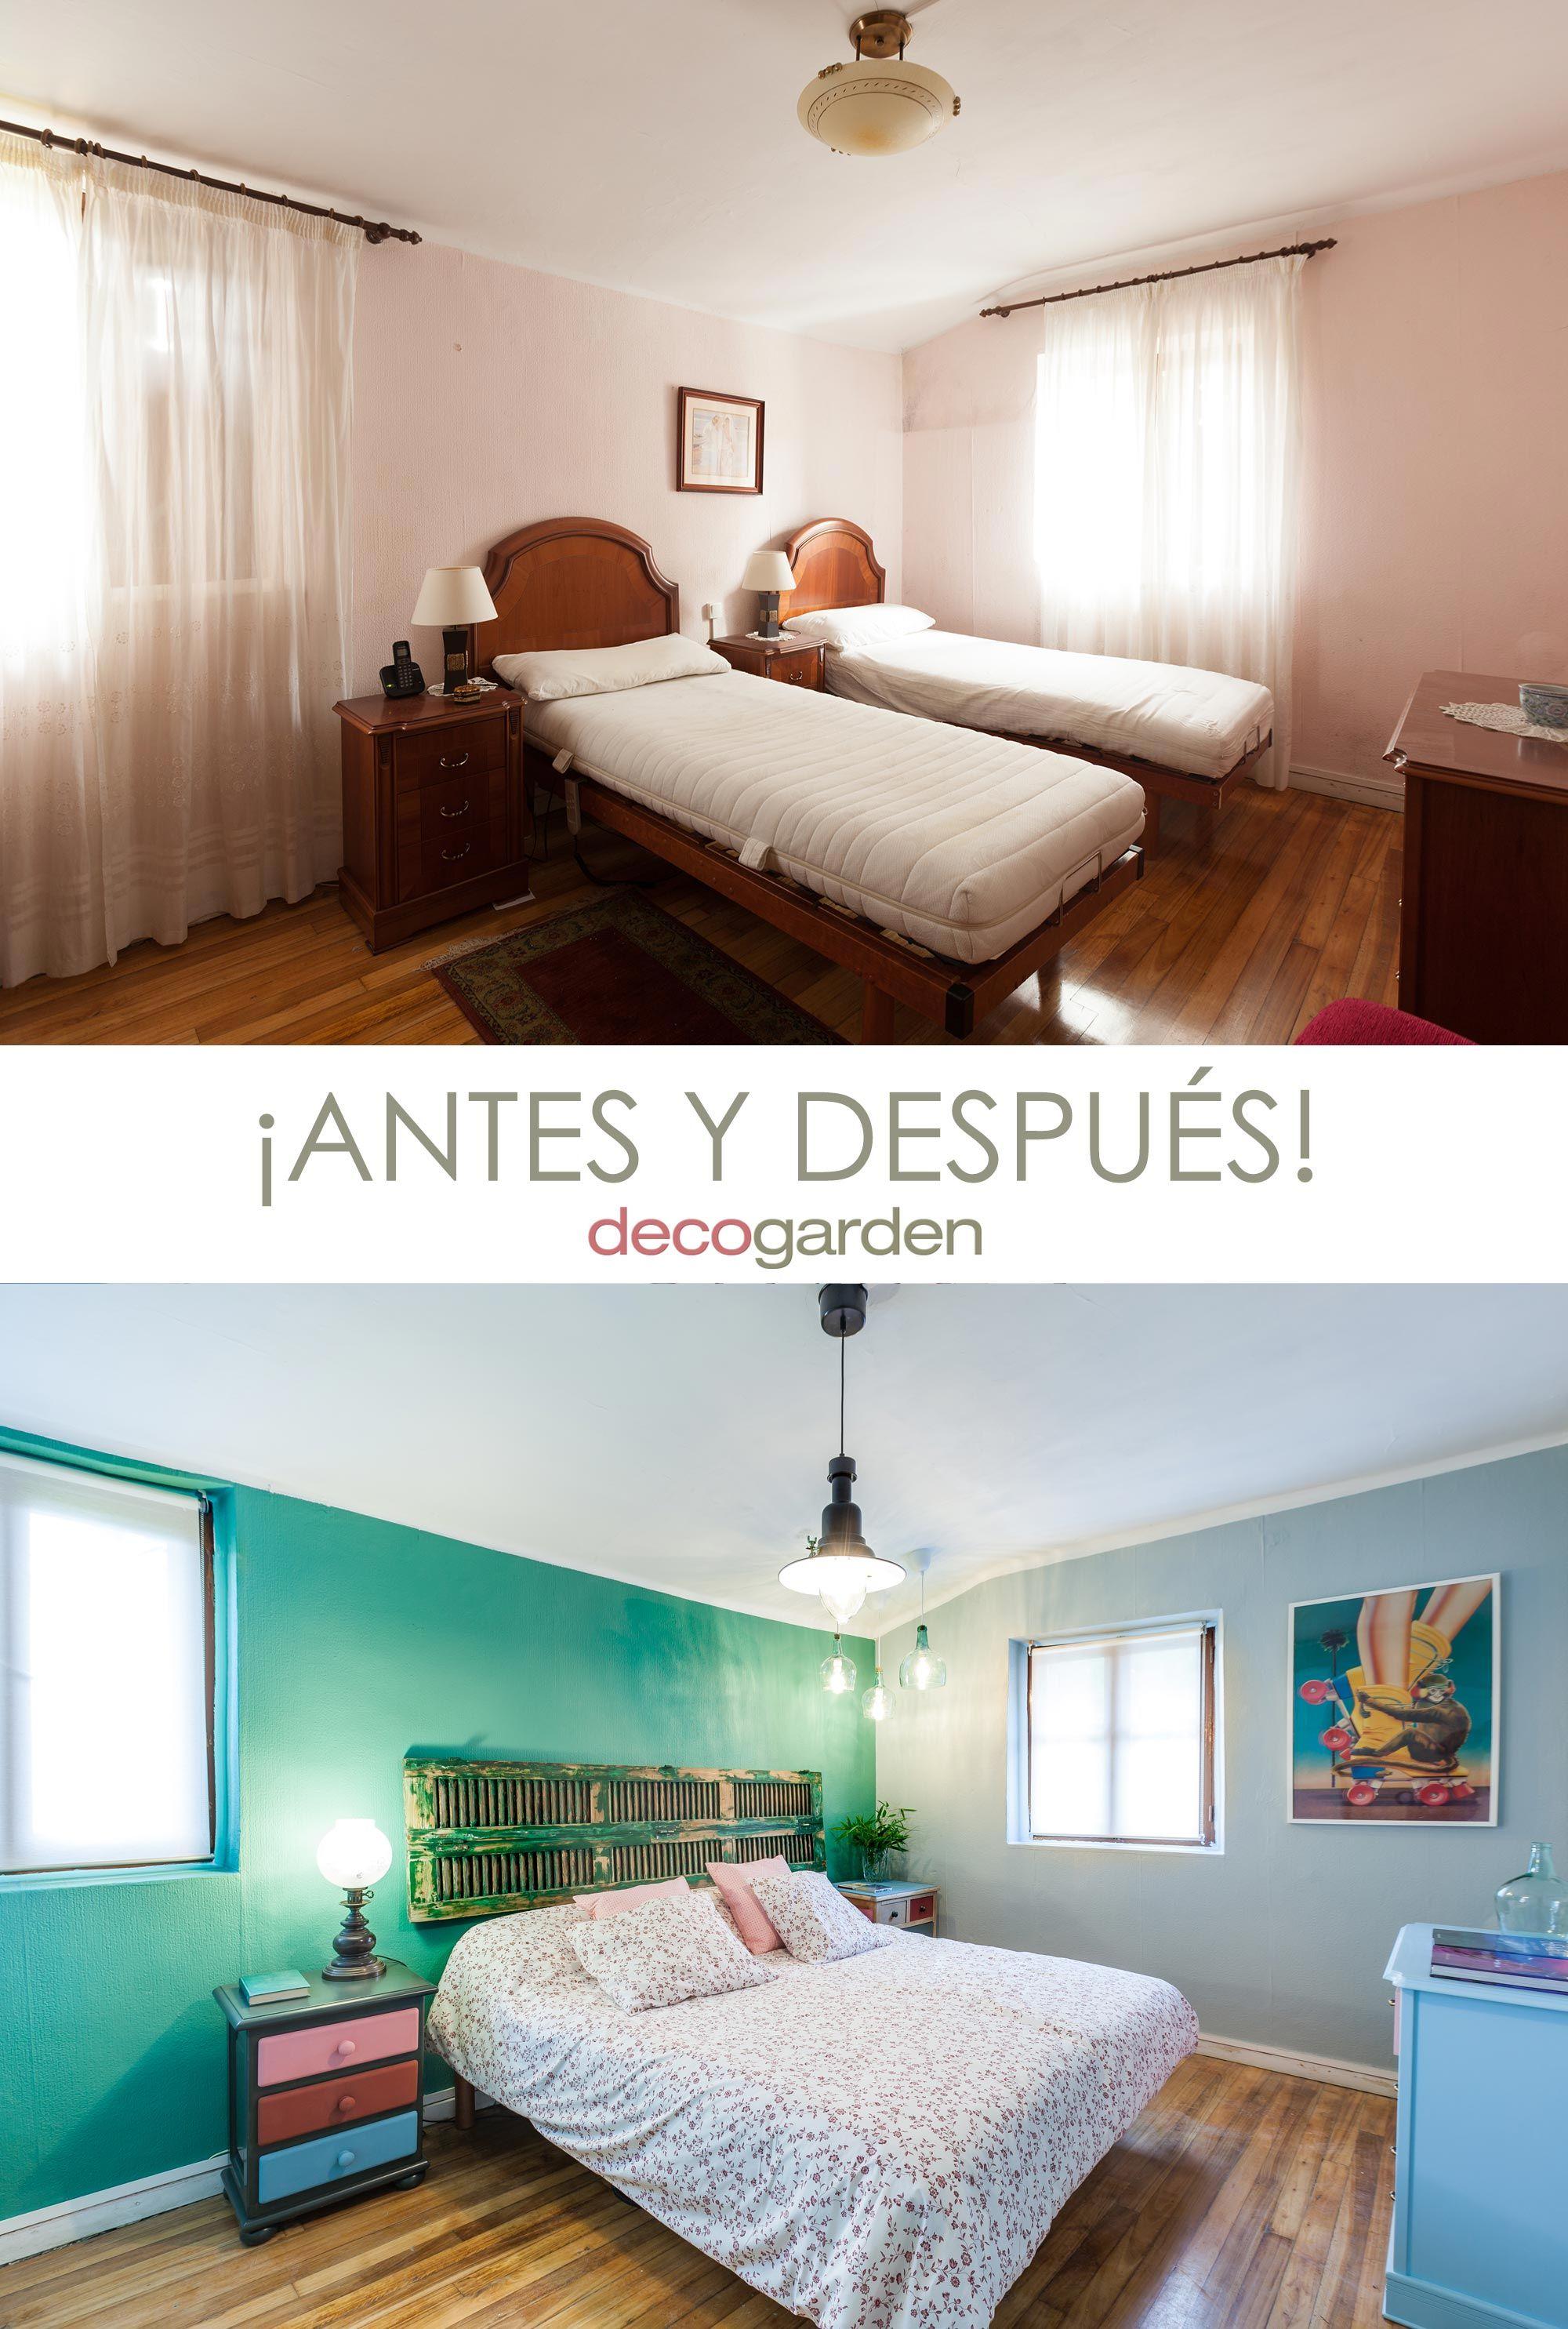 dormitorio juvenil con muebles reciclados